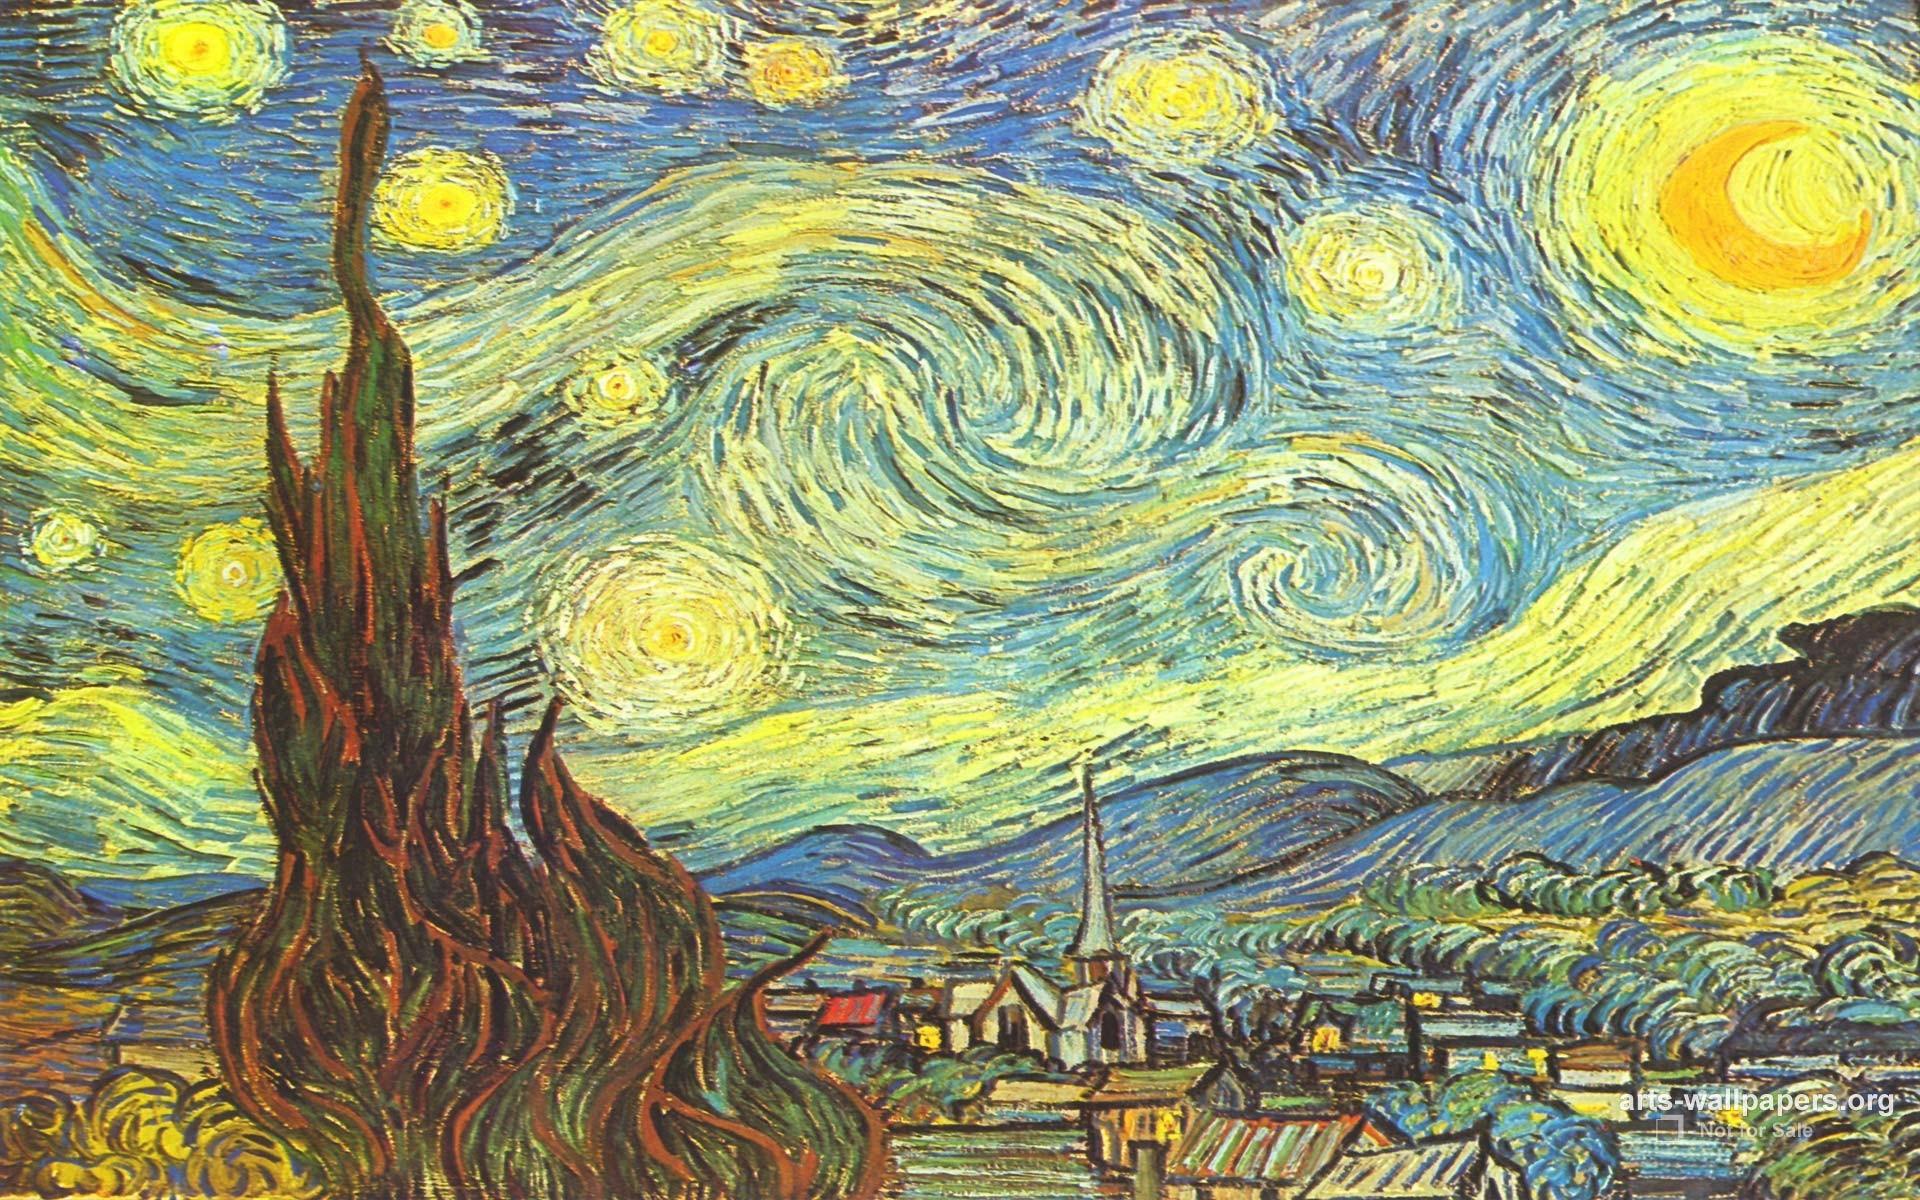 Vincent van gogh wallpapers 59 images - Vincent van gogh wallpaper ...